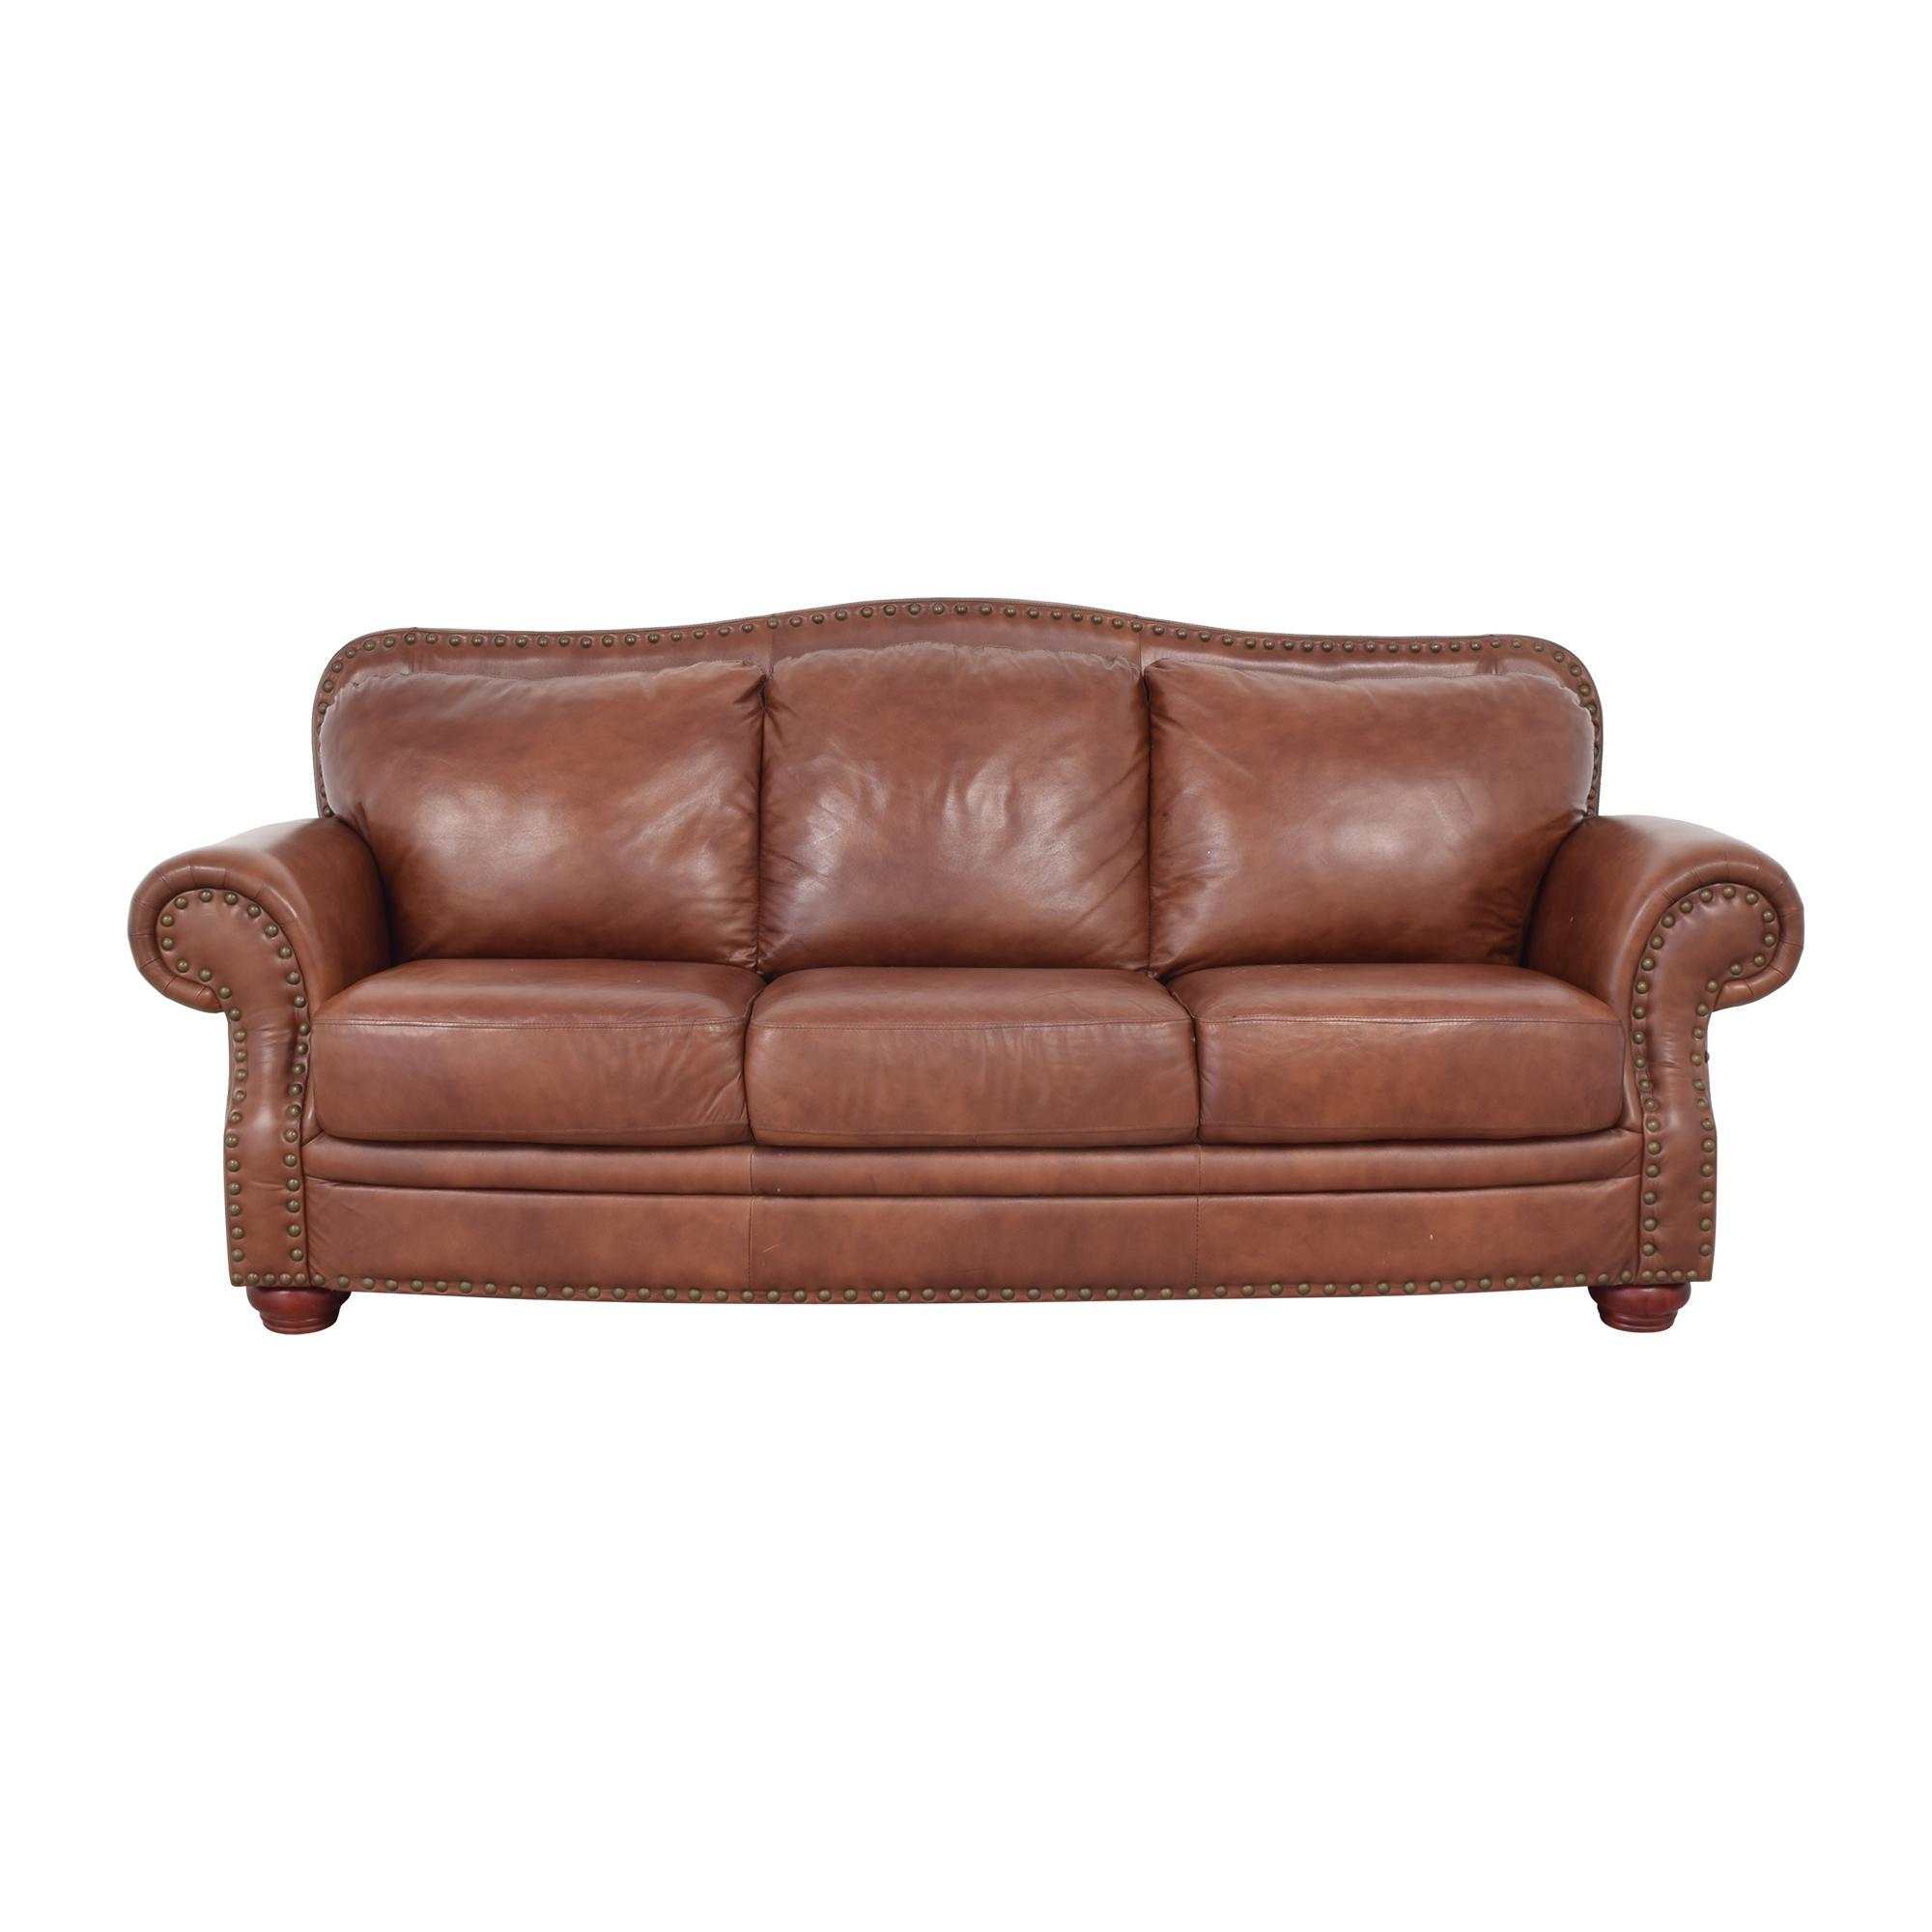 buy  Rolled Arm Camel Back Sofa online